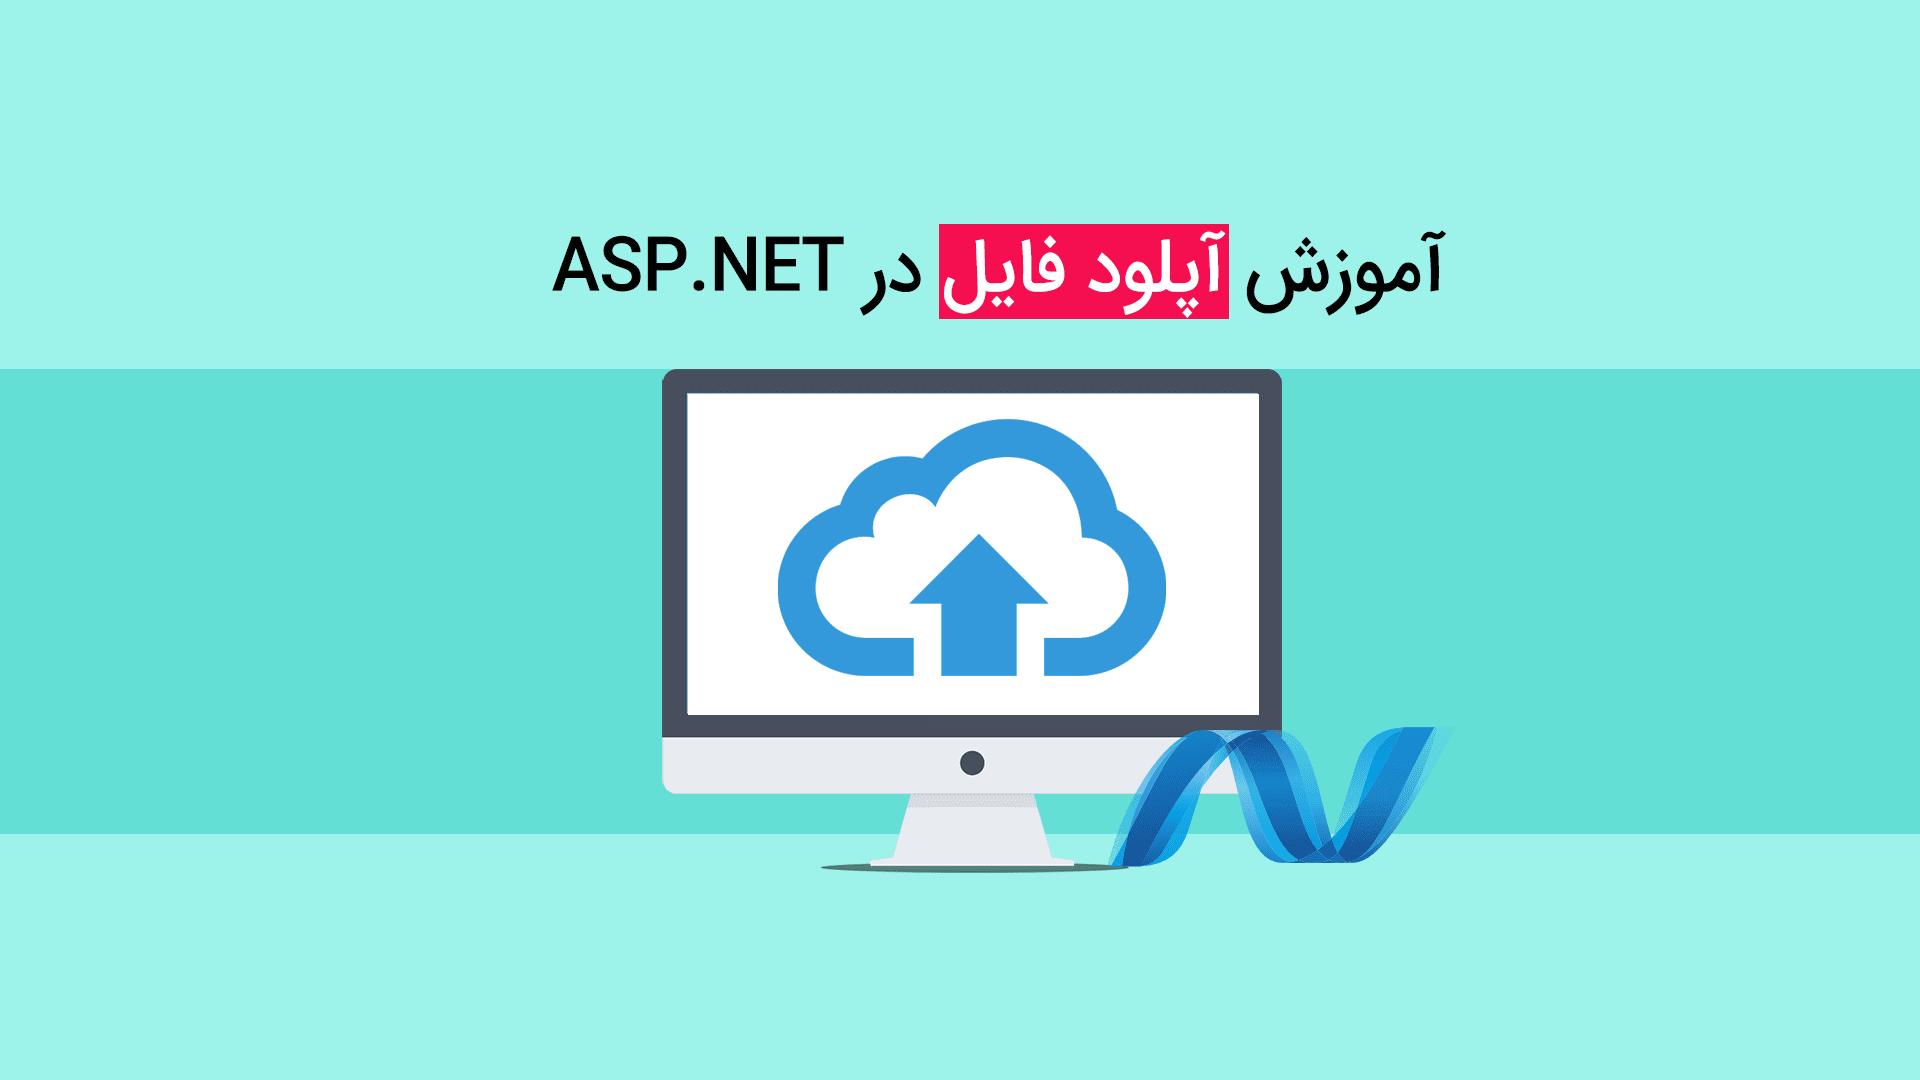 آپلود فایل در ASP.NET